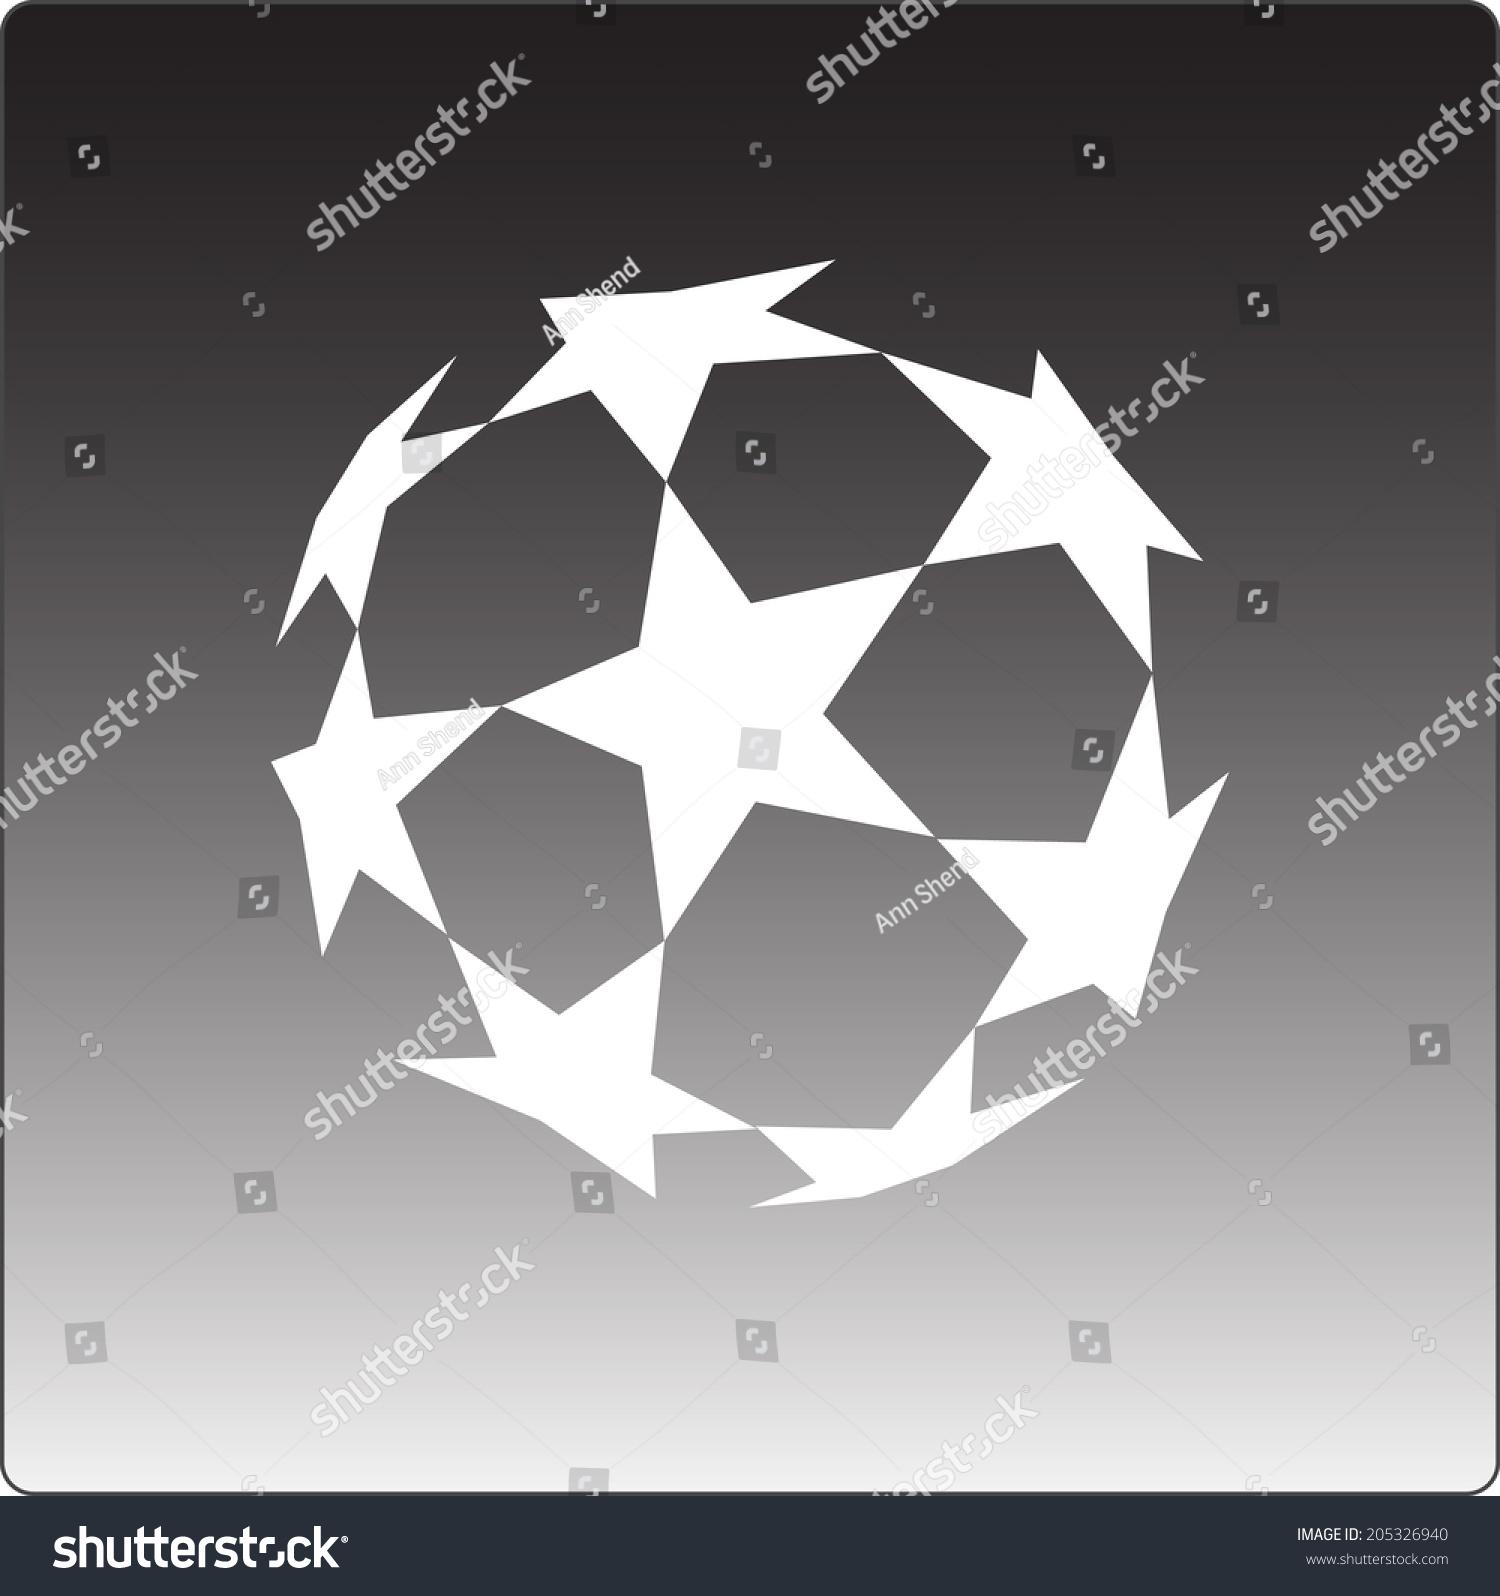 书籍封面设计手绘足球